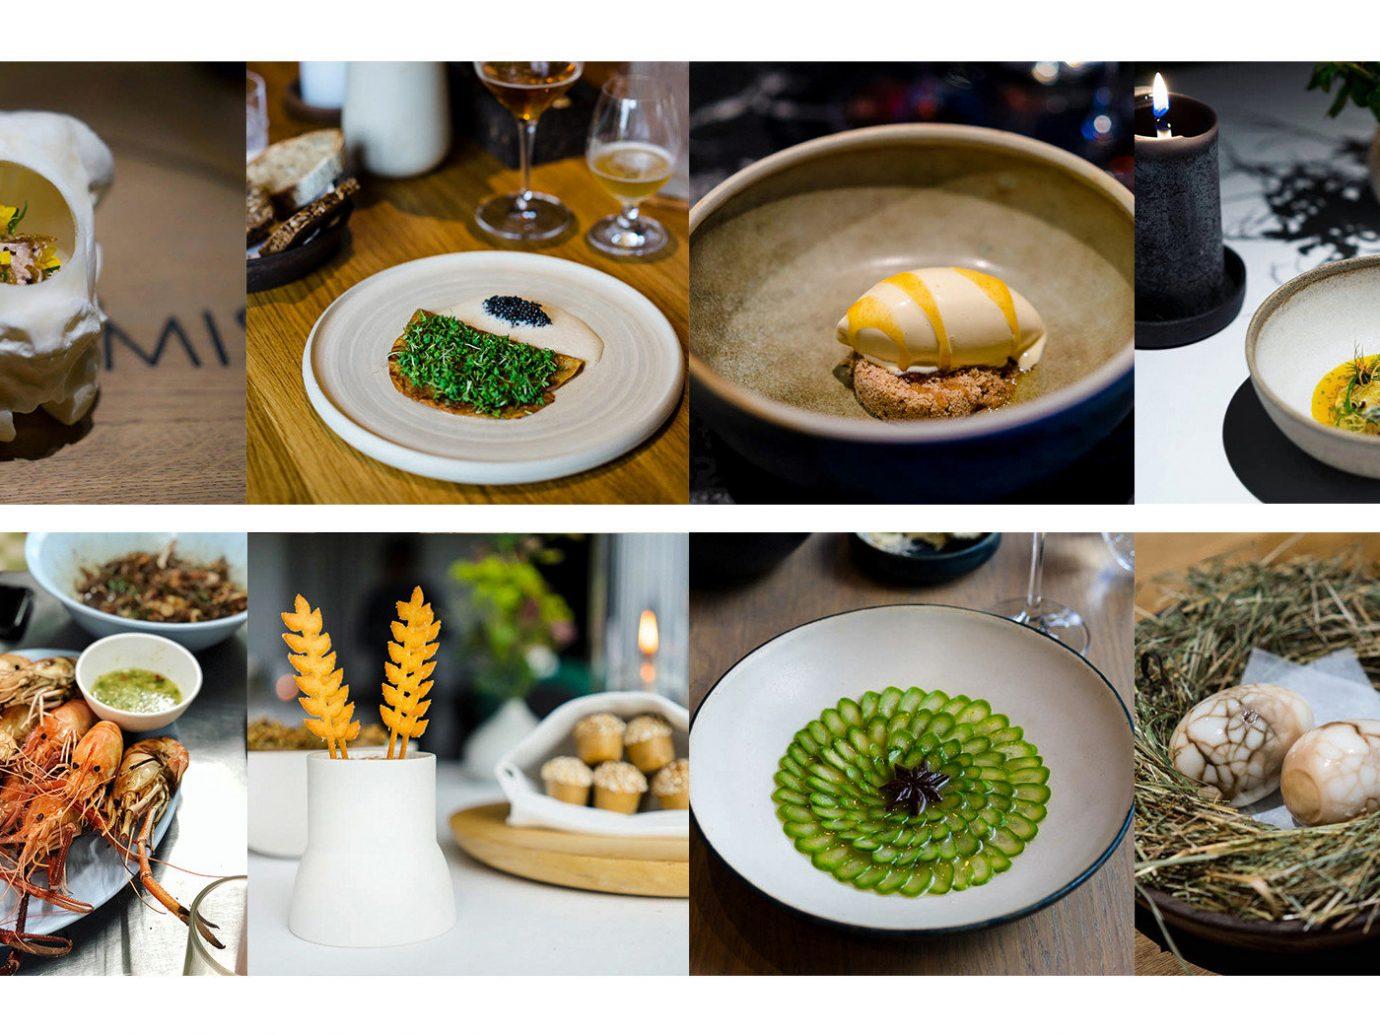 Food + Drink Influencers + Tastemakers food plate meal dish different cuisine vegetarian food vegetable breakfast tableware recipe ingredient brunch comfort food asian food set several